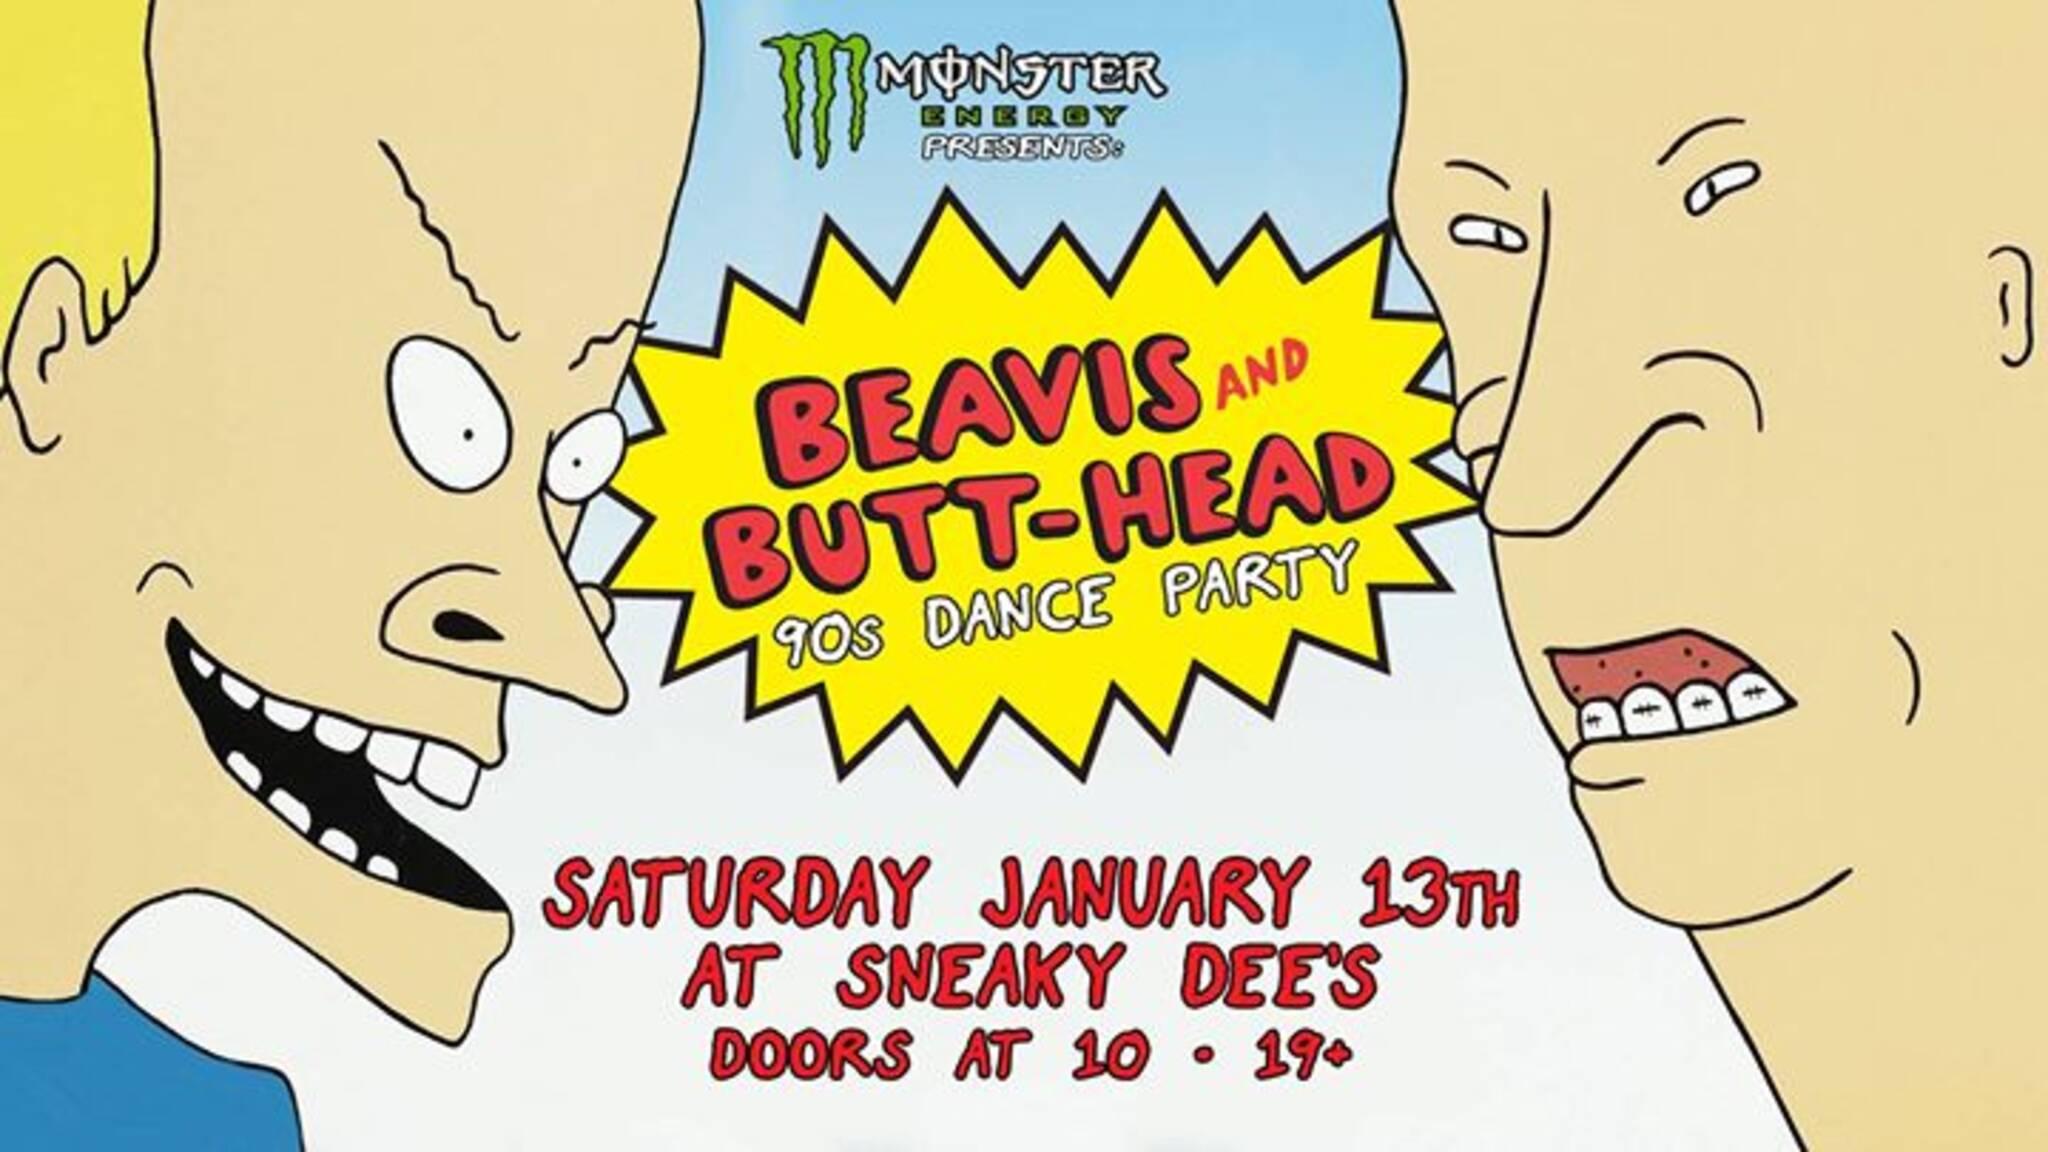 Beavis And Butt Head 90s Dance Party Sat Jan 13